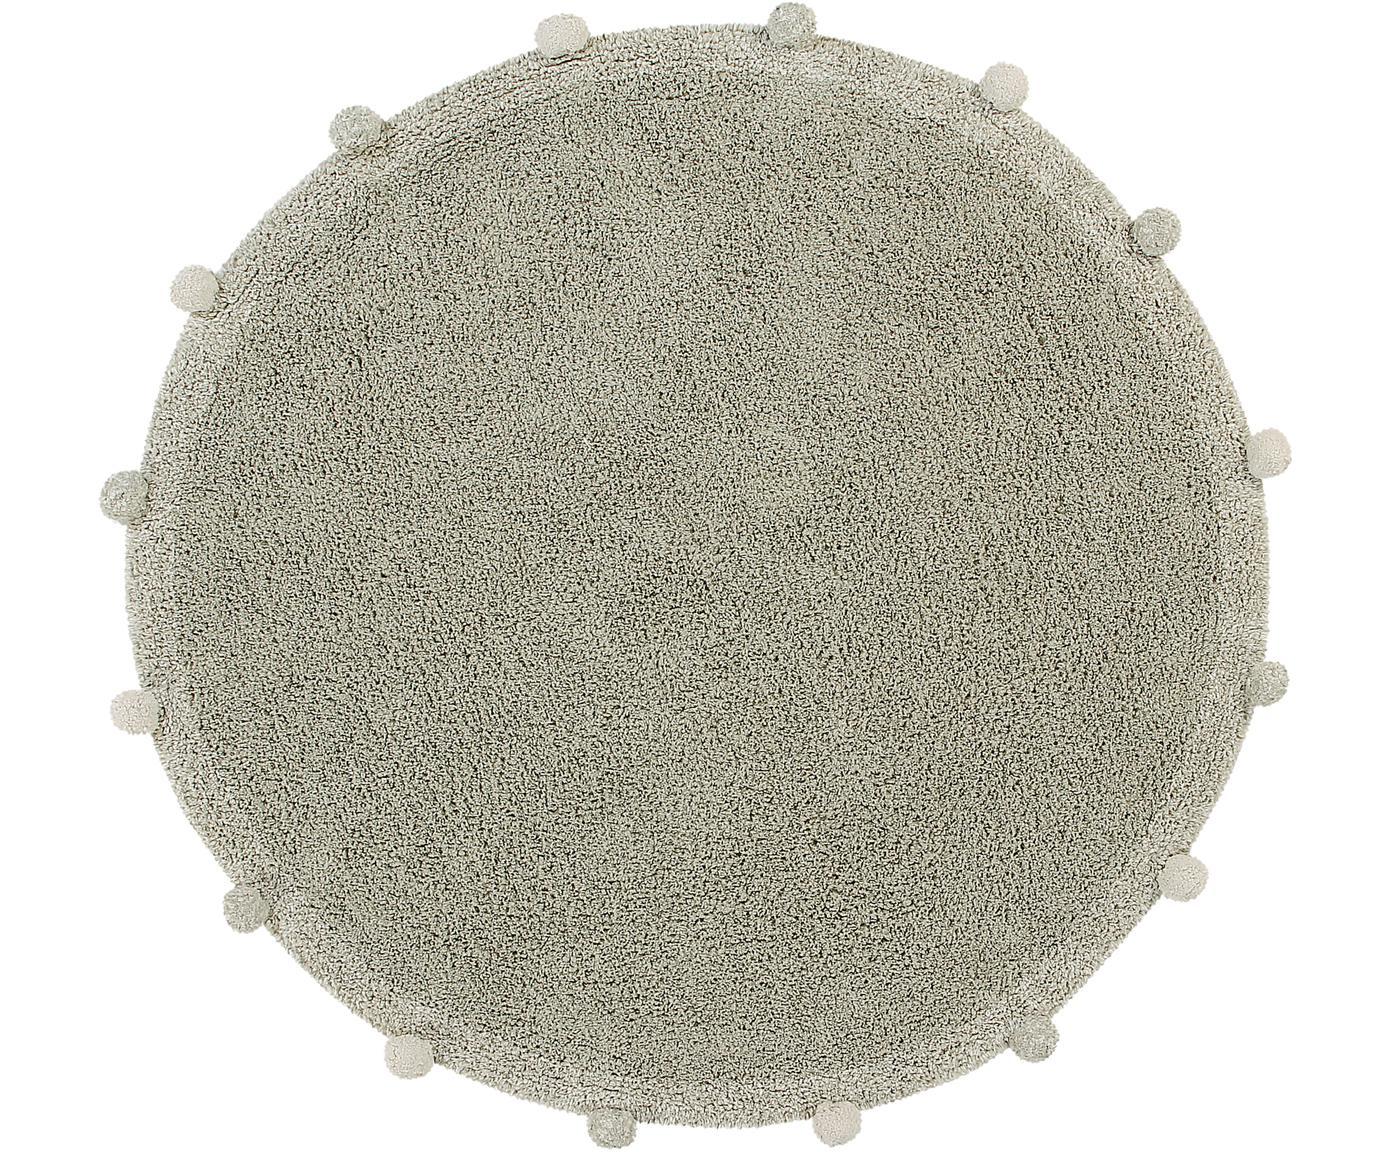 Alfombra redonda artesanal con pomopones Bubbly, Parte superior: 97%algodón reciclado, 3%, Reverso: algodón reciclado, Verde, crema, Ø 120 cm (Tamaño S)